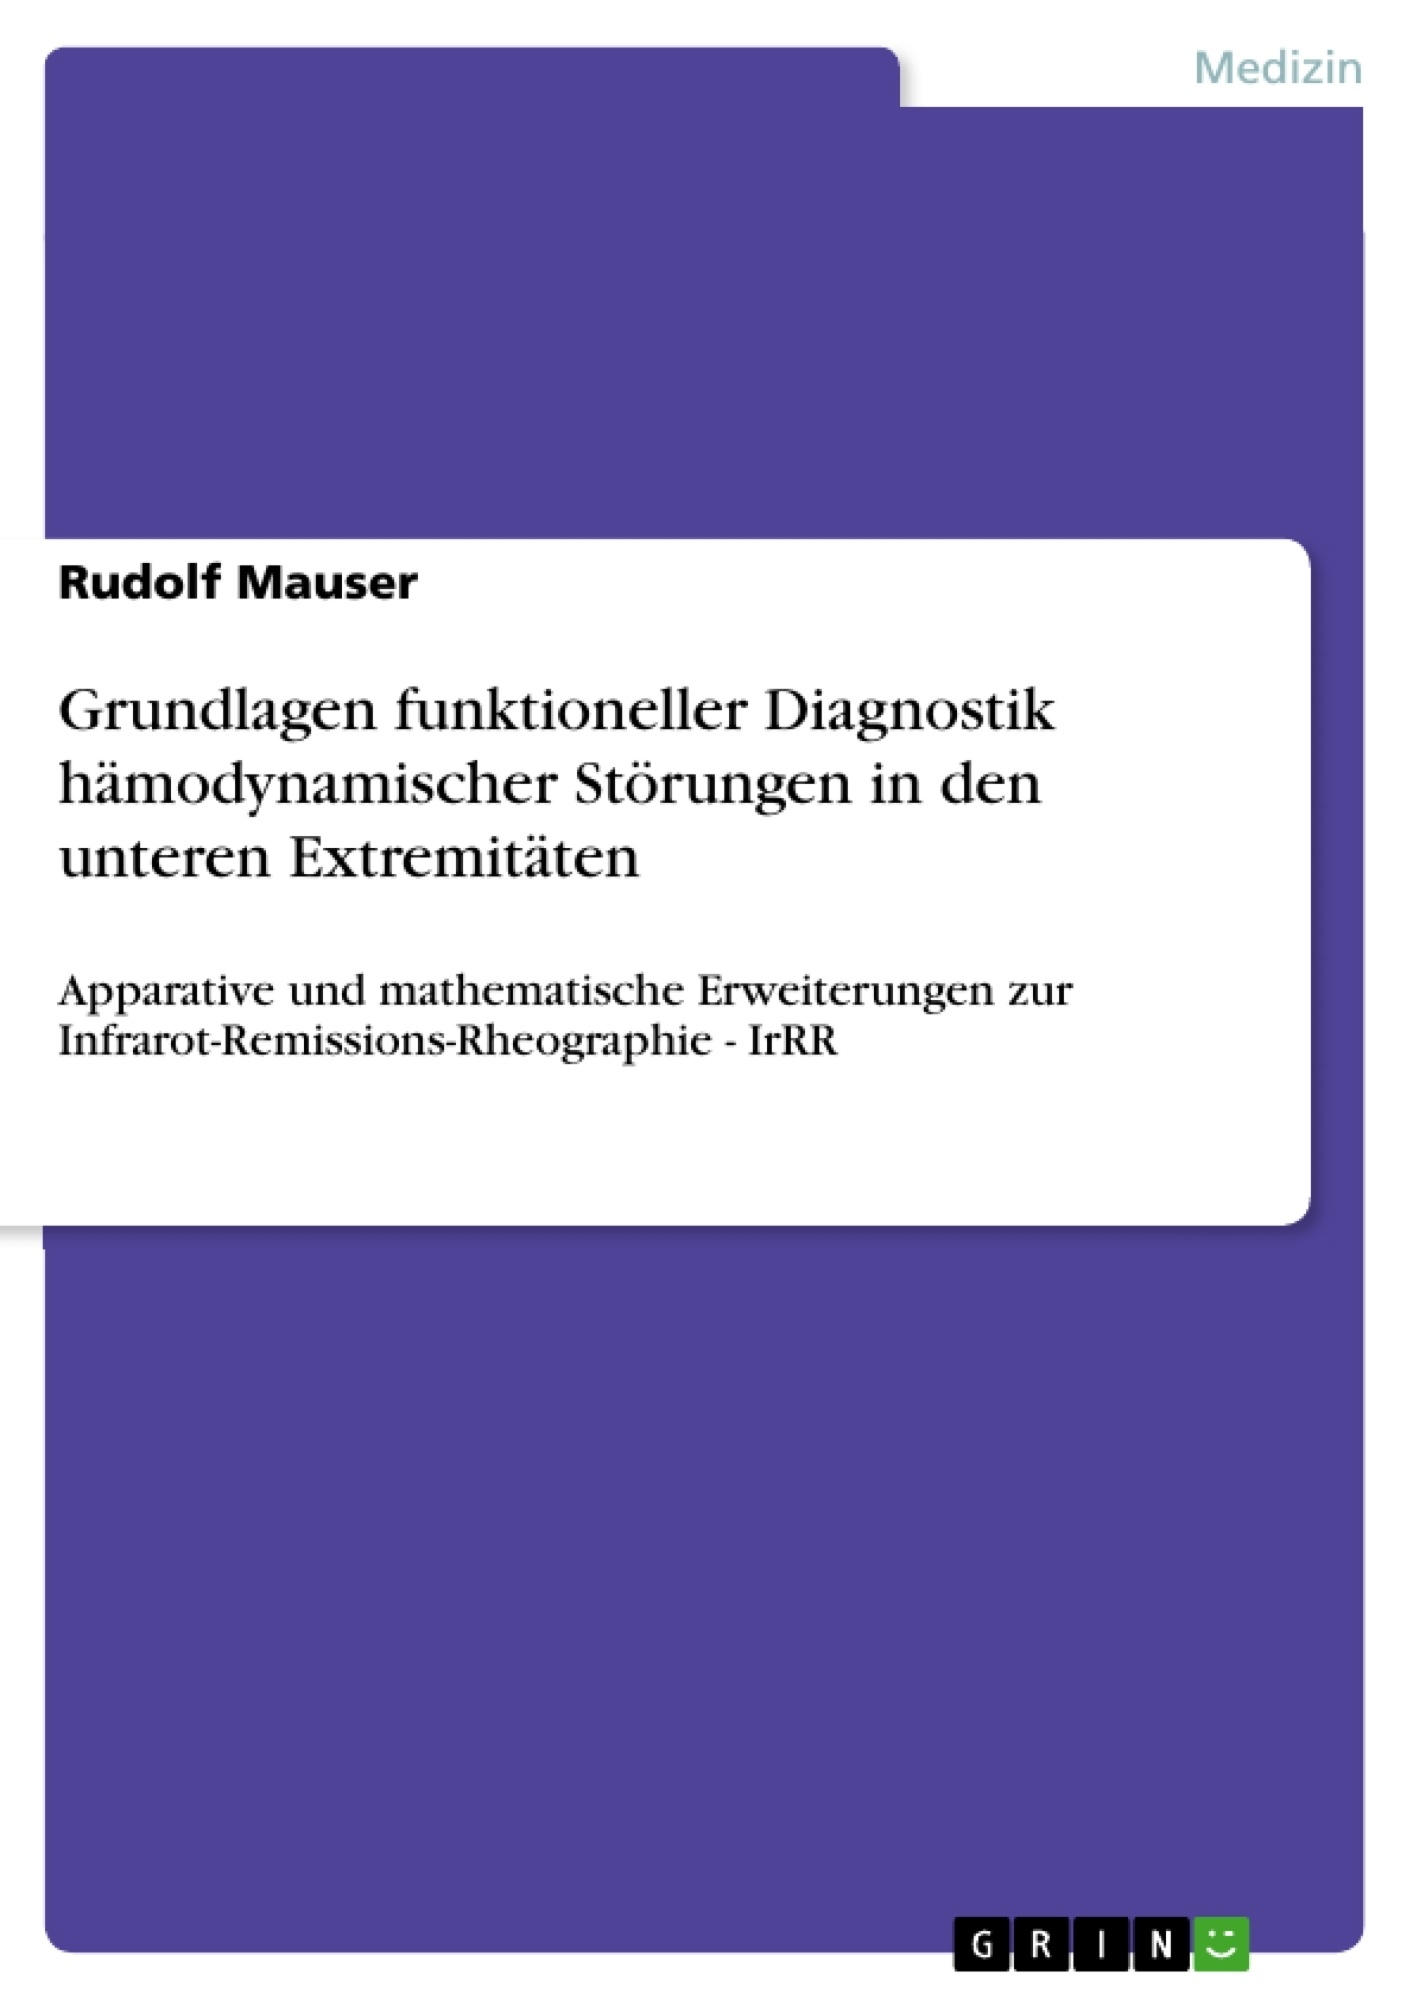 Grundlagen funktioneller Diagnostik hämodynamischer Störungen in ...